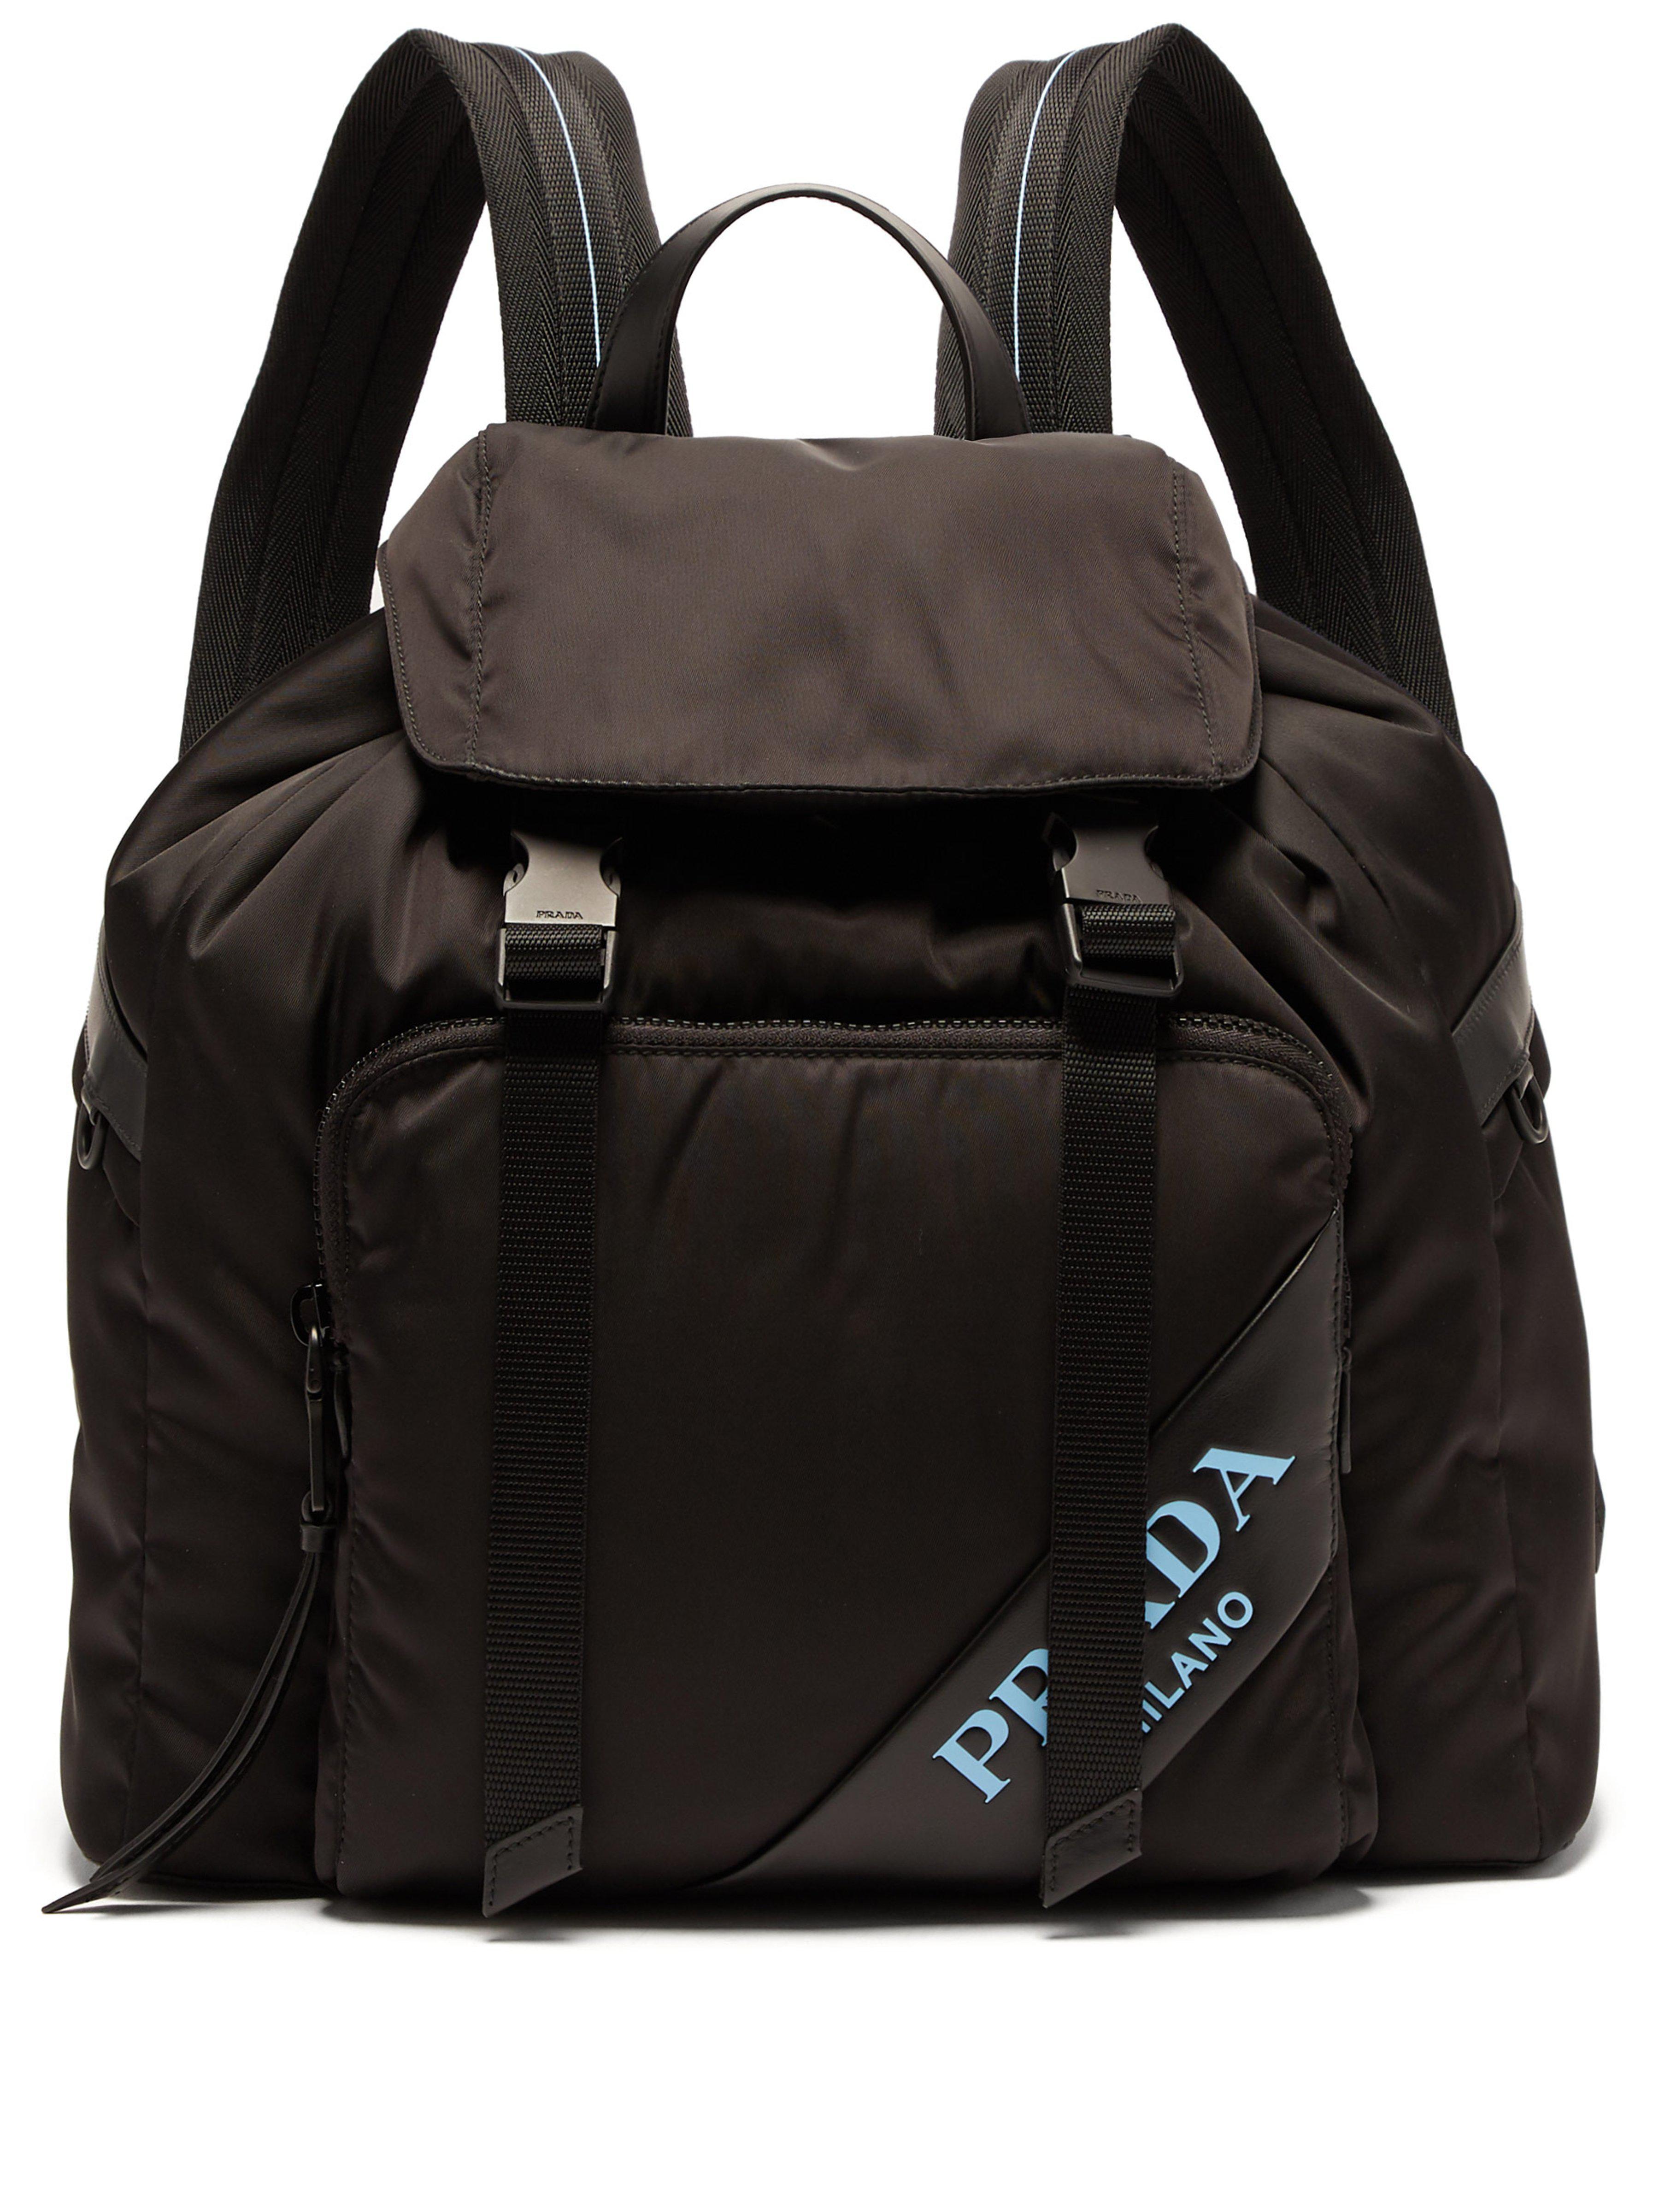 9d99e2e668f9 Prada - Black Logo Nylon Backpack - Lyst. View fullscreen